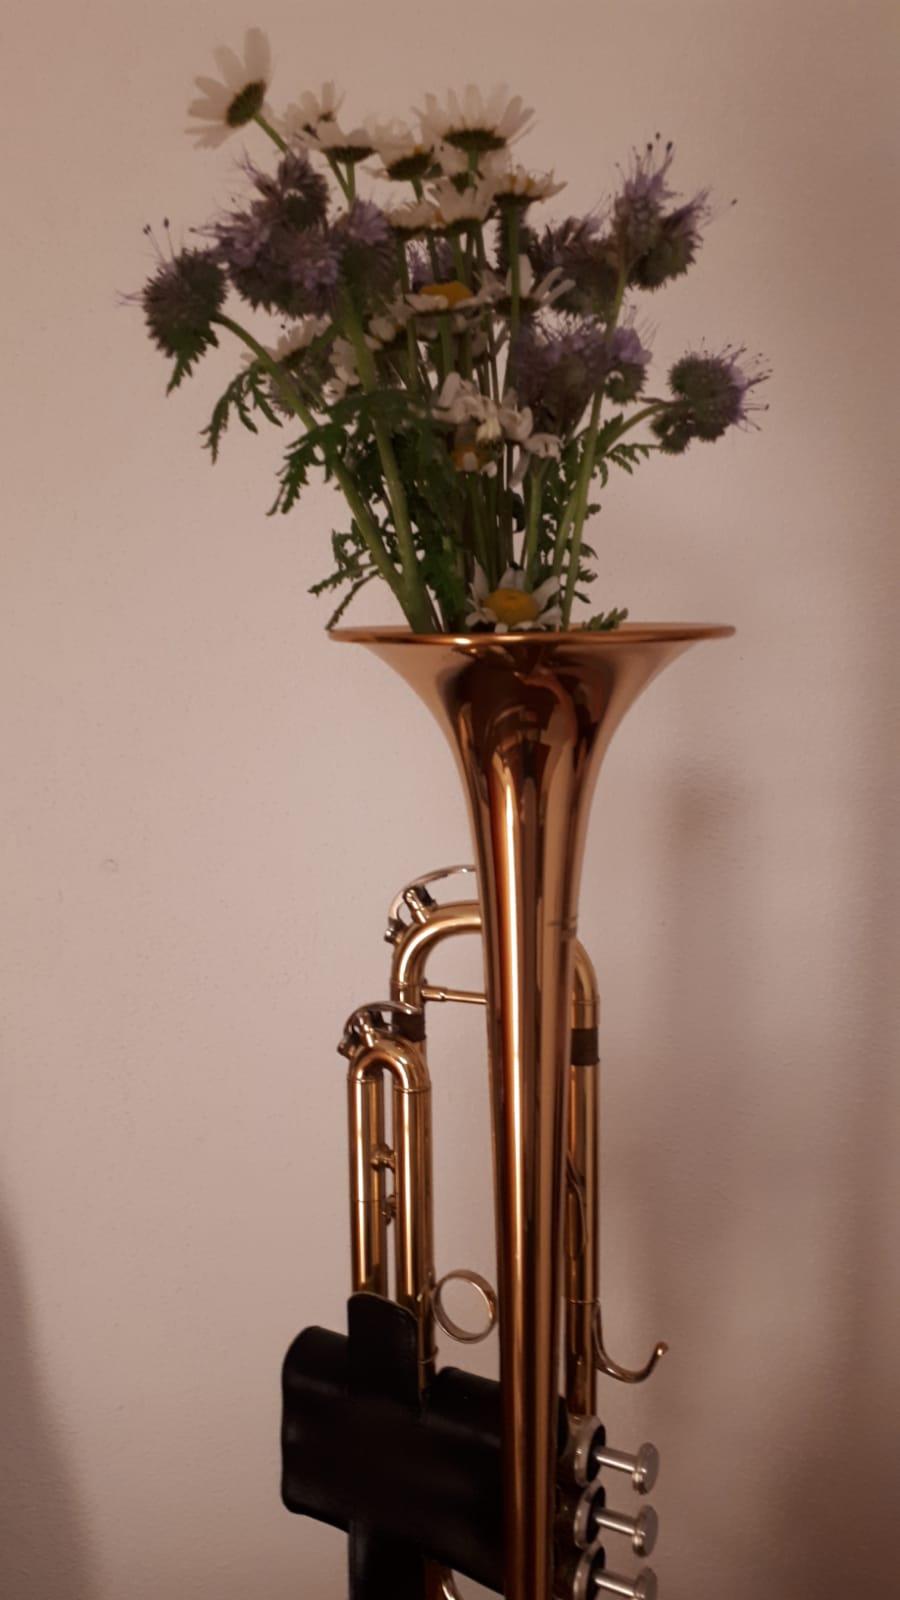 """Bei so manchem Musiker wachsen schon die Blumen aus dem Instrument. Vielen Dank für die """"Trompetenblume"""" unseres Künstlers Stephan Ketterl. - Foto: Stephan Ketterl"""